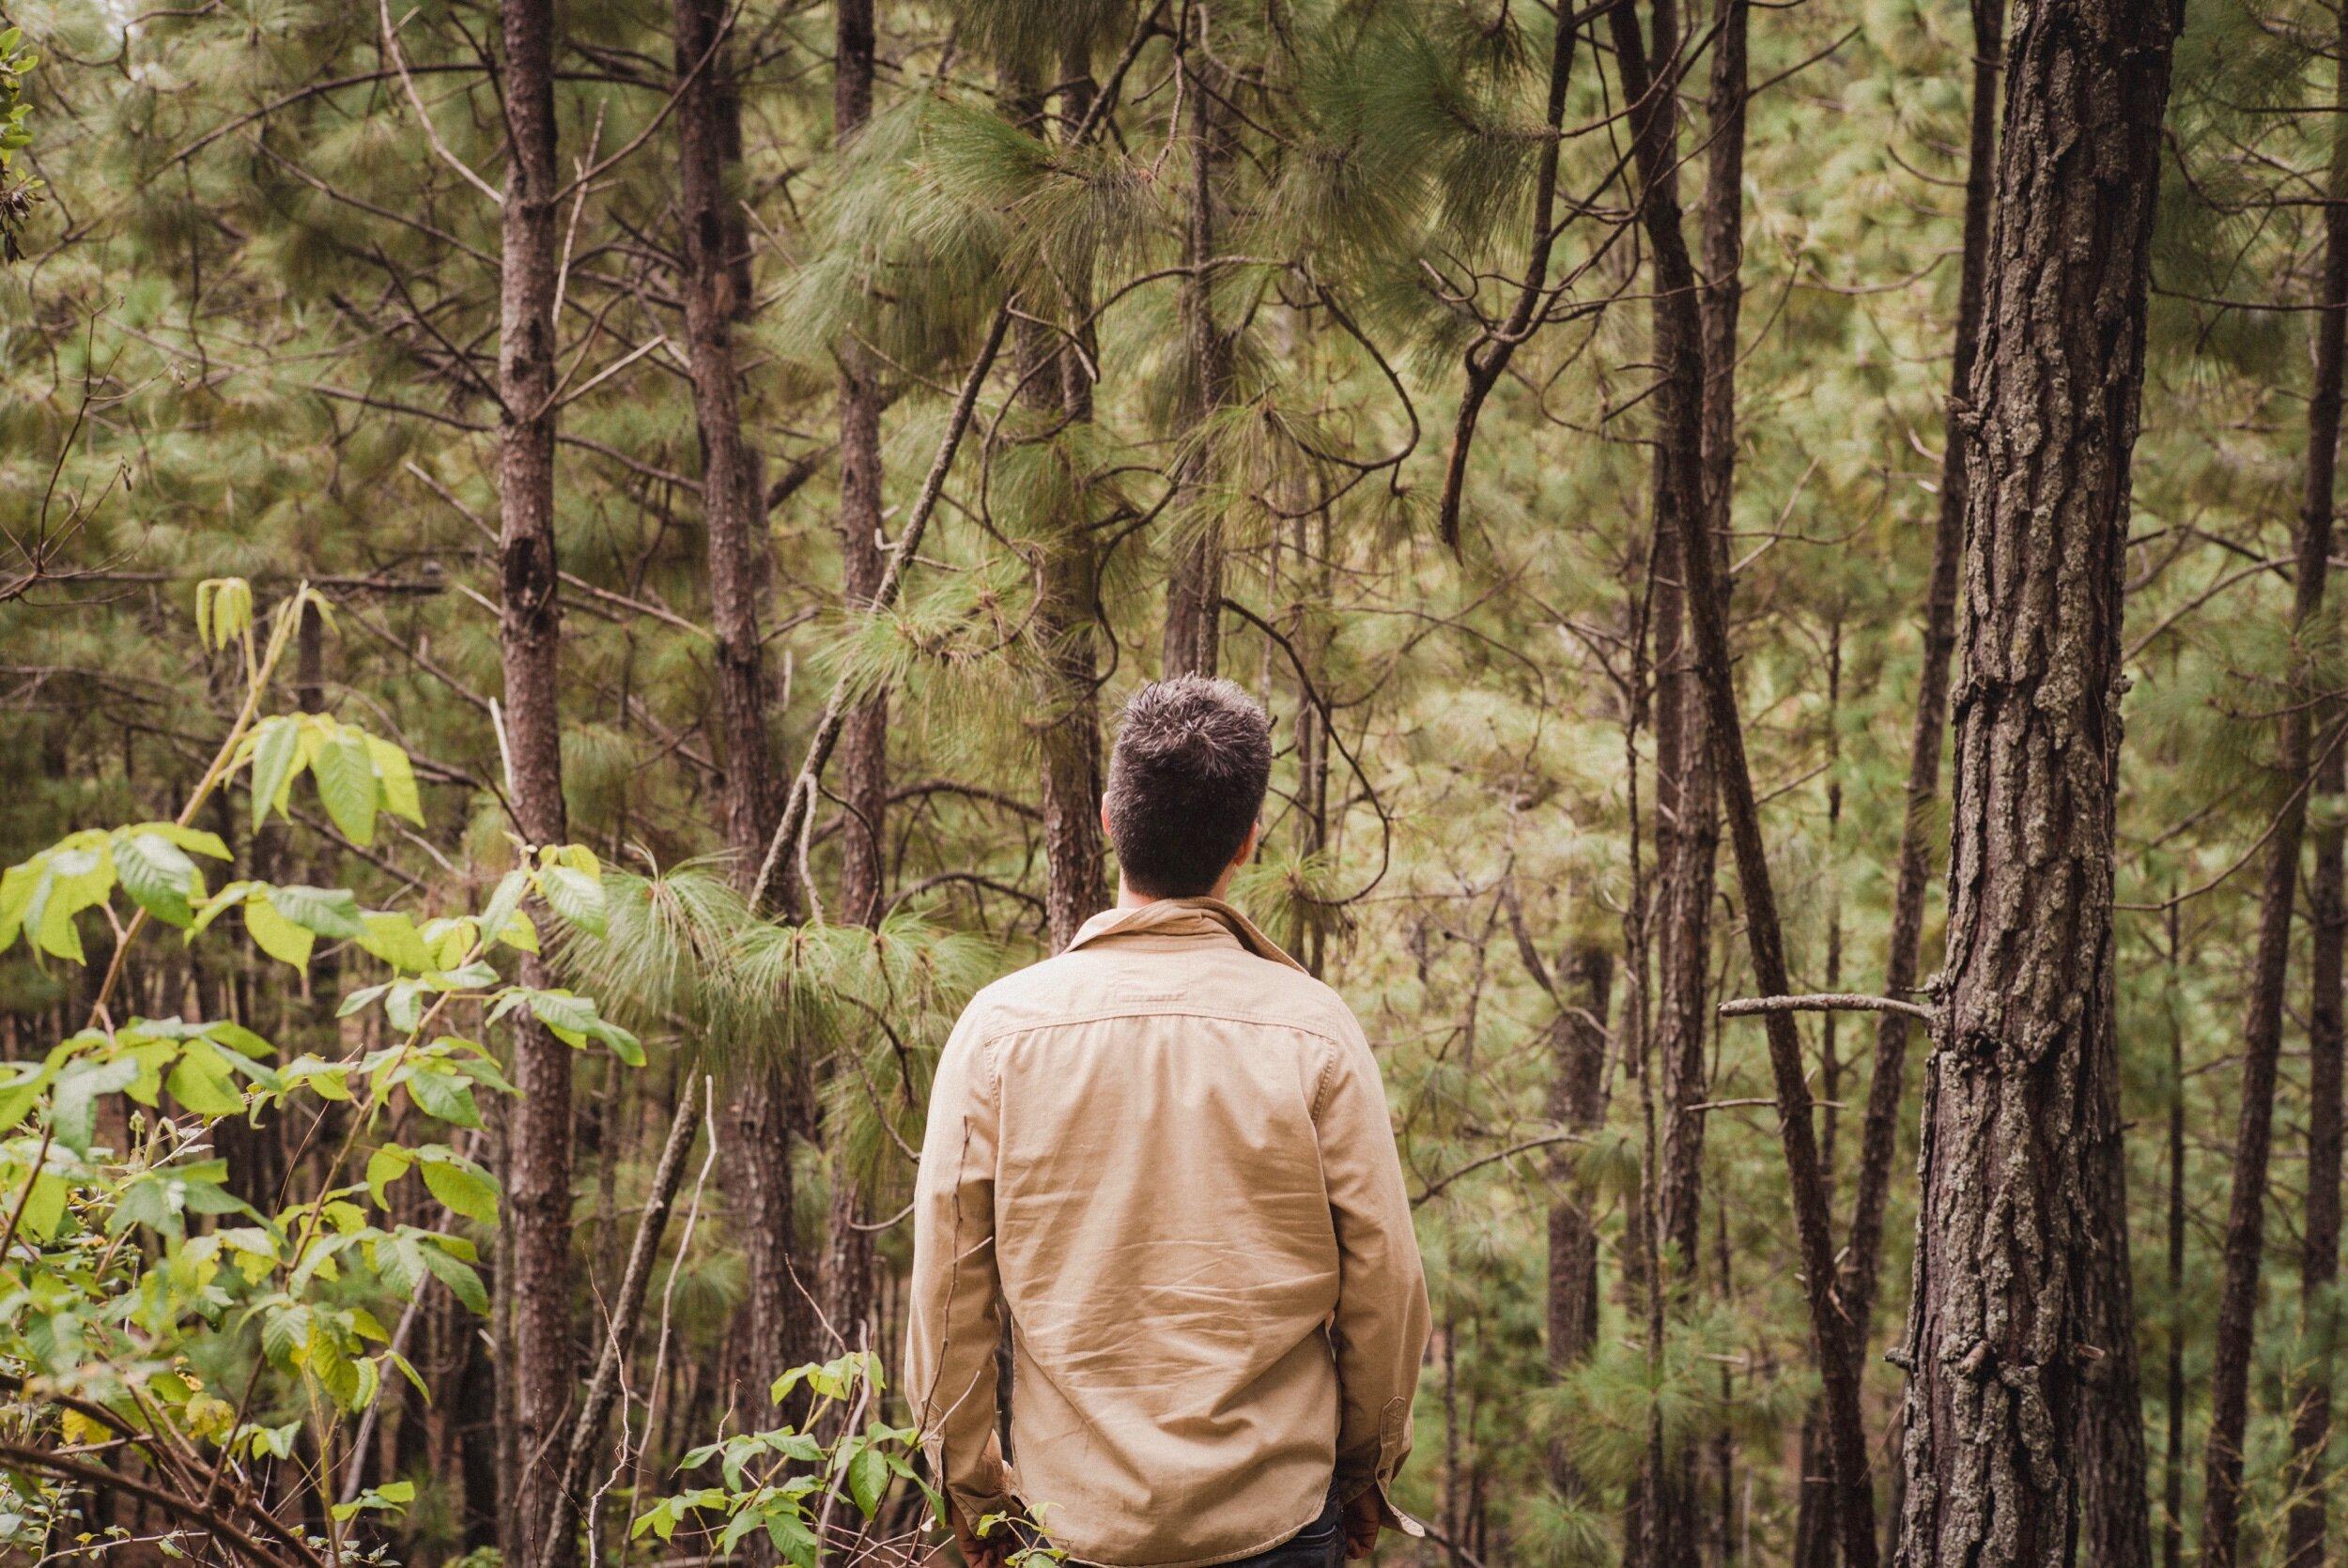 Forêt silencieuse, aimable solitude,  Que j'aime à parcourir votre ombrage ignoré !  Dans vos sombres détours, en rêvant égaré,  J'éprouve un sentiment libre d'inquiétude !  Prestiges de mon cœur ! je crois voir s'exhaler  Des arbres, des gazons une douce tristesse :  Cette onde que j'entends murmure avec mollesse,  Et dans le fond des bois semble encor m'appeler.  Oh ! que ne puis-je, heureux, passer ma vie entière  Ici, loin des humains !… Au bruit de ces ruisseaux,  Sur un tapis de fleurs, sur l'herbe printanière,  Qu'ignoré je sommeille à l'ombre des ormeaux !  Tout parle, tout me plaît sous ces voûtes tranquilles ;  Ces genêts, ornements d'un sauvage réduit,  Ce chèvrefeuille atteint d'un vent léger qui fuit,  Balancent tour à tour leurs guirlandes mobiles.  Forêts, dans vos abris gardez mes vœux offerts !  A quel amant jamais serez-vous aussi chères ?  D'autres vous rediront des amours étrangères ;  Moi de vos charmes seuls j'entretiens les déserts.  François-René de Chateaubriand.    Leica M(Typ240) + Summicron-M 50mm f/2.